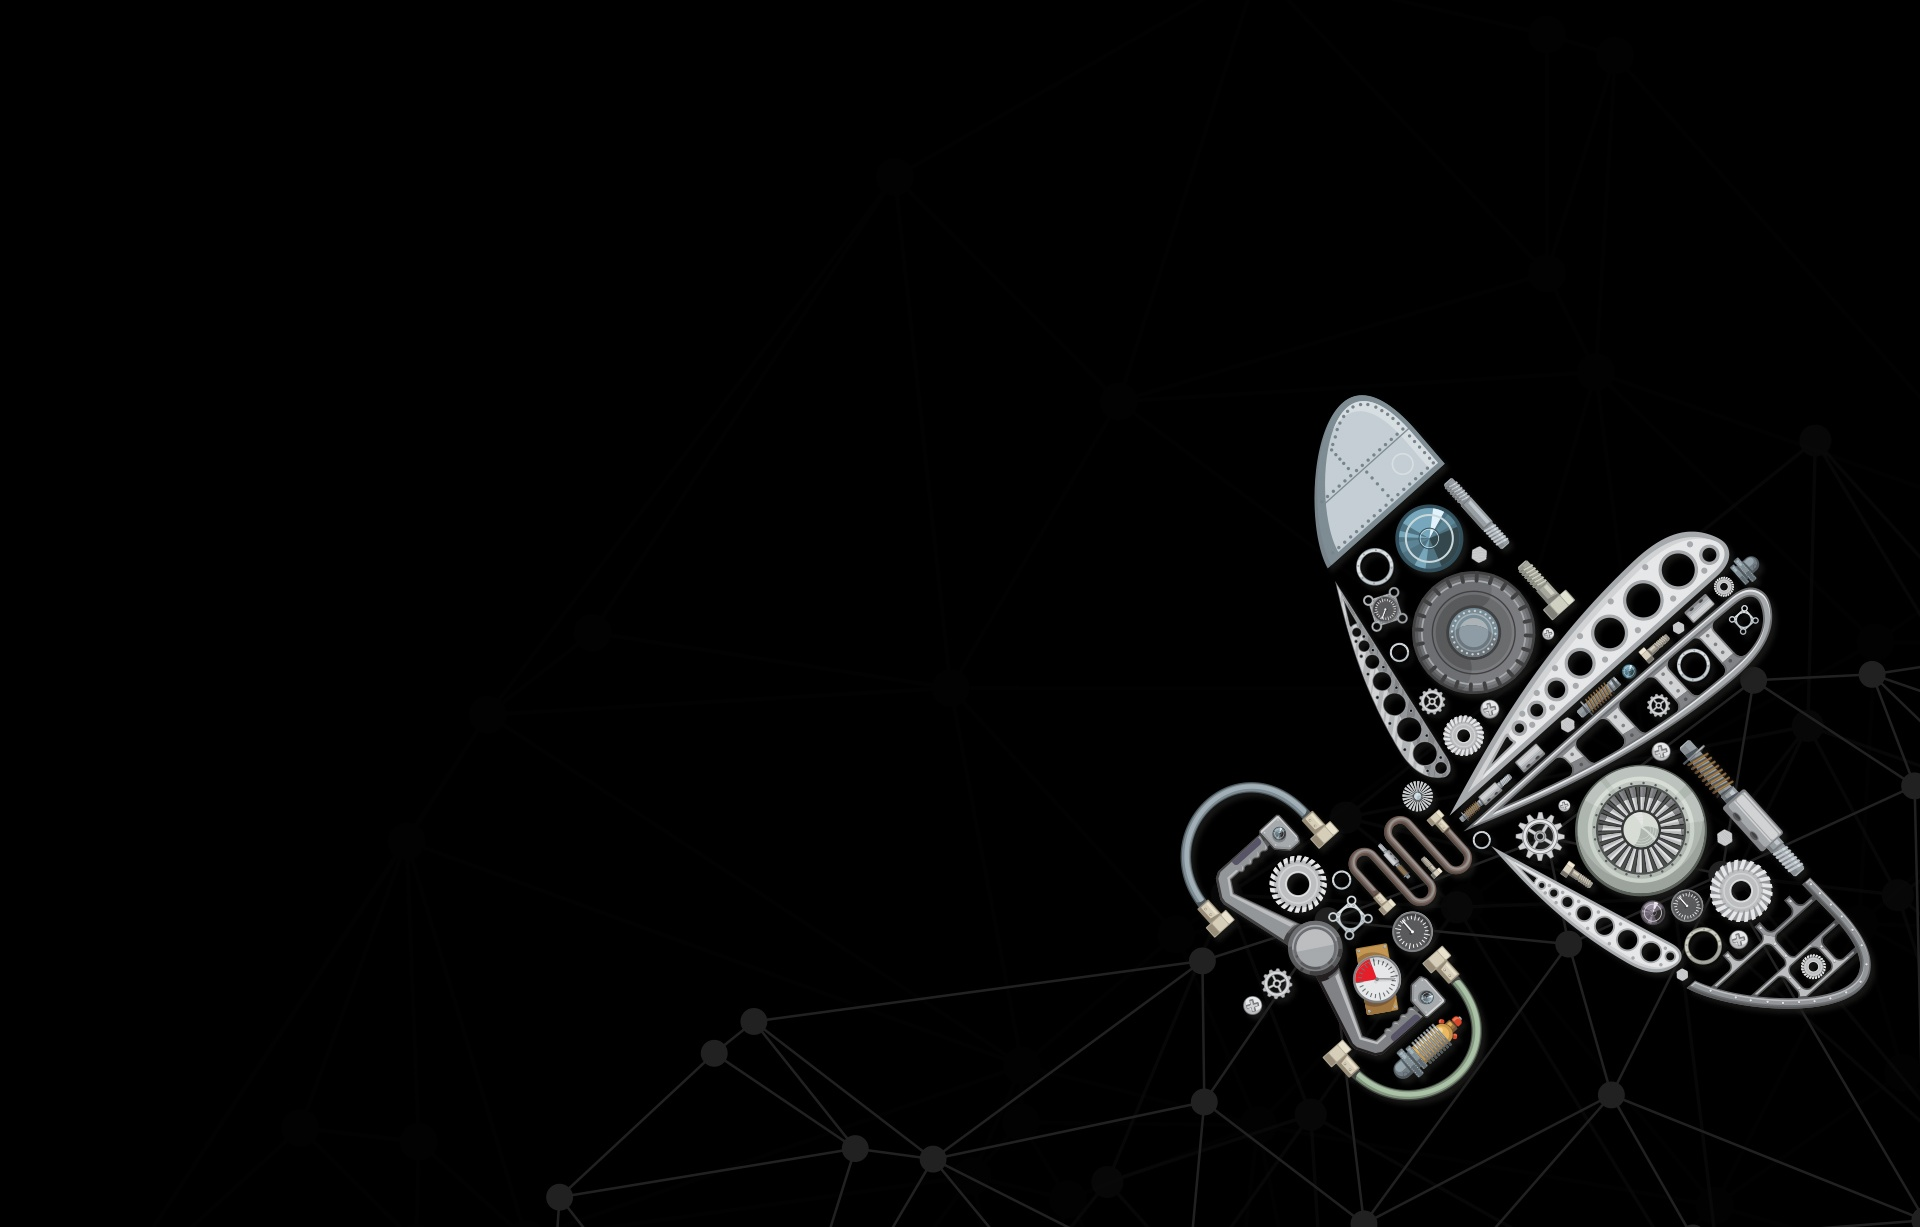 Hubspot_CMOS_1.jpg